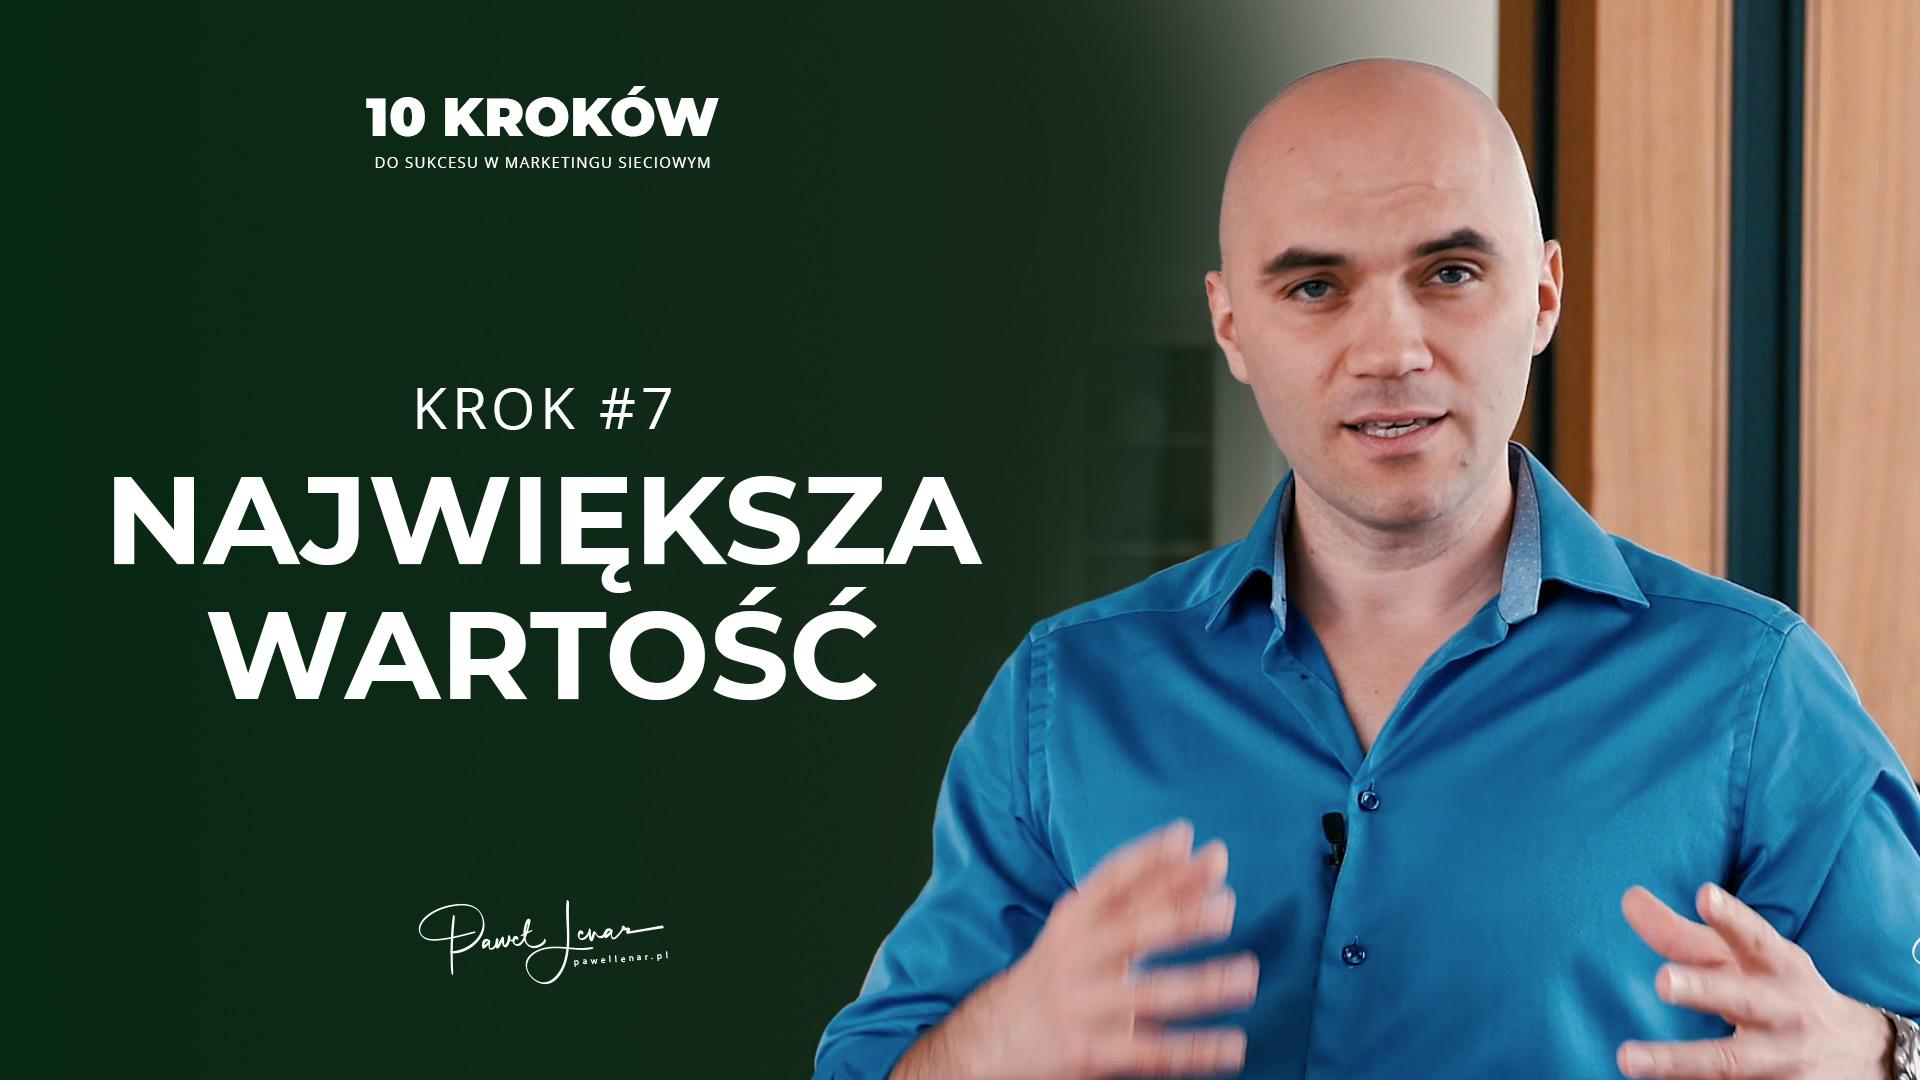 07 Najwieksza wartosc - Paweł Lenar Blog